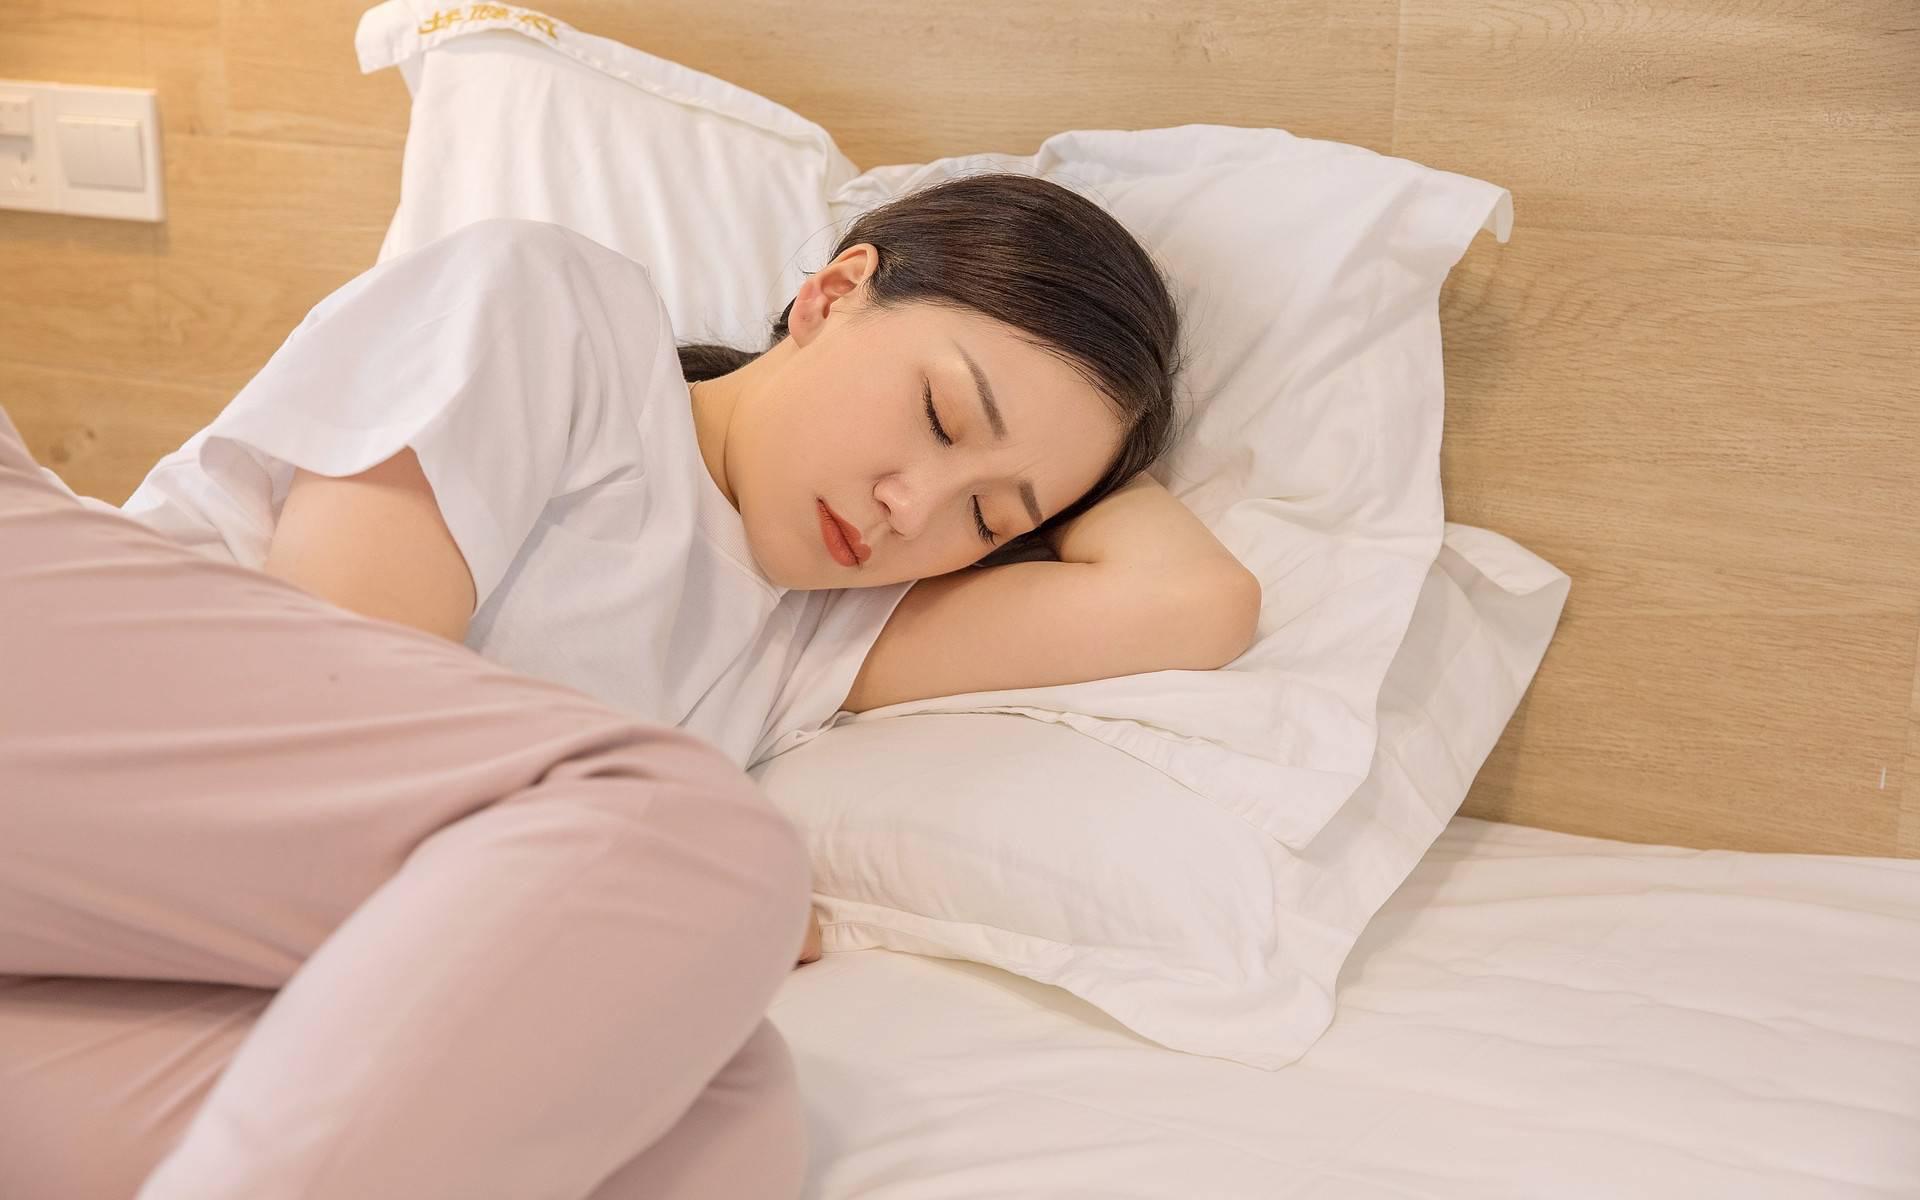 """Người """"giấu"""" cục huyết khối trong máu thường có 3 phản ứng này mỗi khi ngủ, không sớm điều trị thì đột quỵ nhất định sẽ tới - Ảnh 2"""